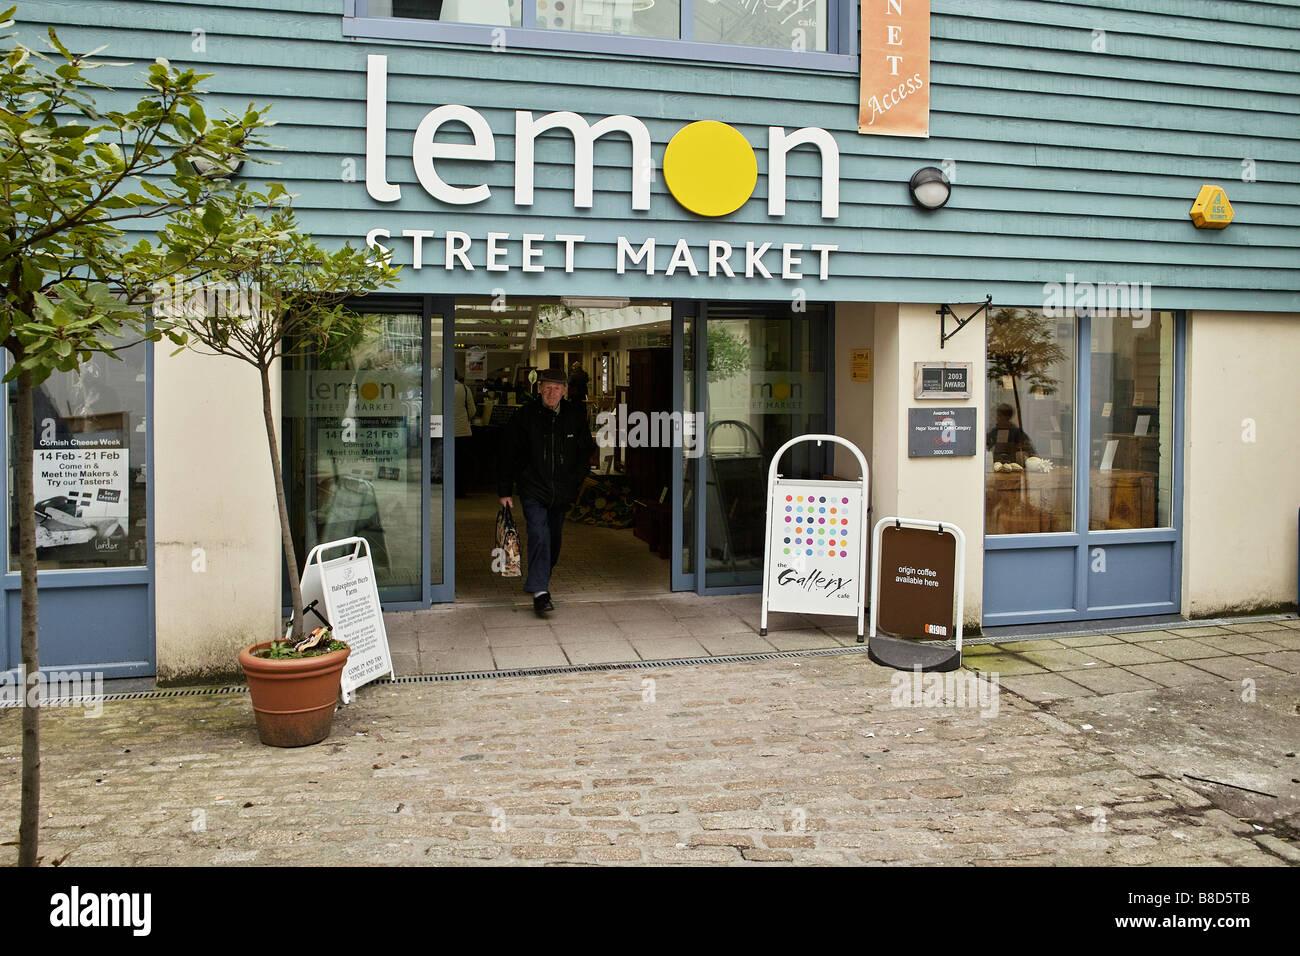 L'entrée de la rue du marché de citron à Truro, Cornwall, uk Photo Stock